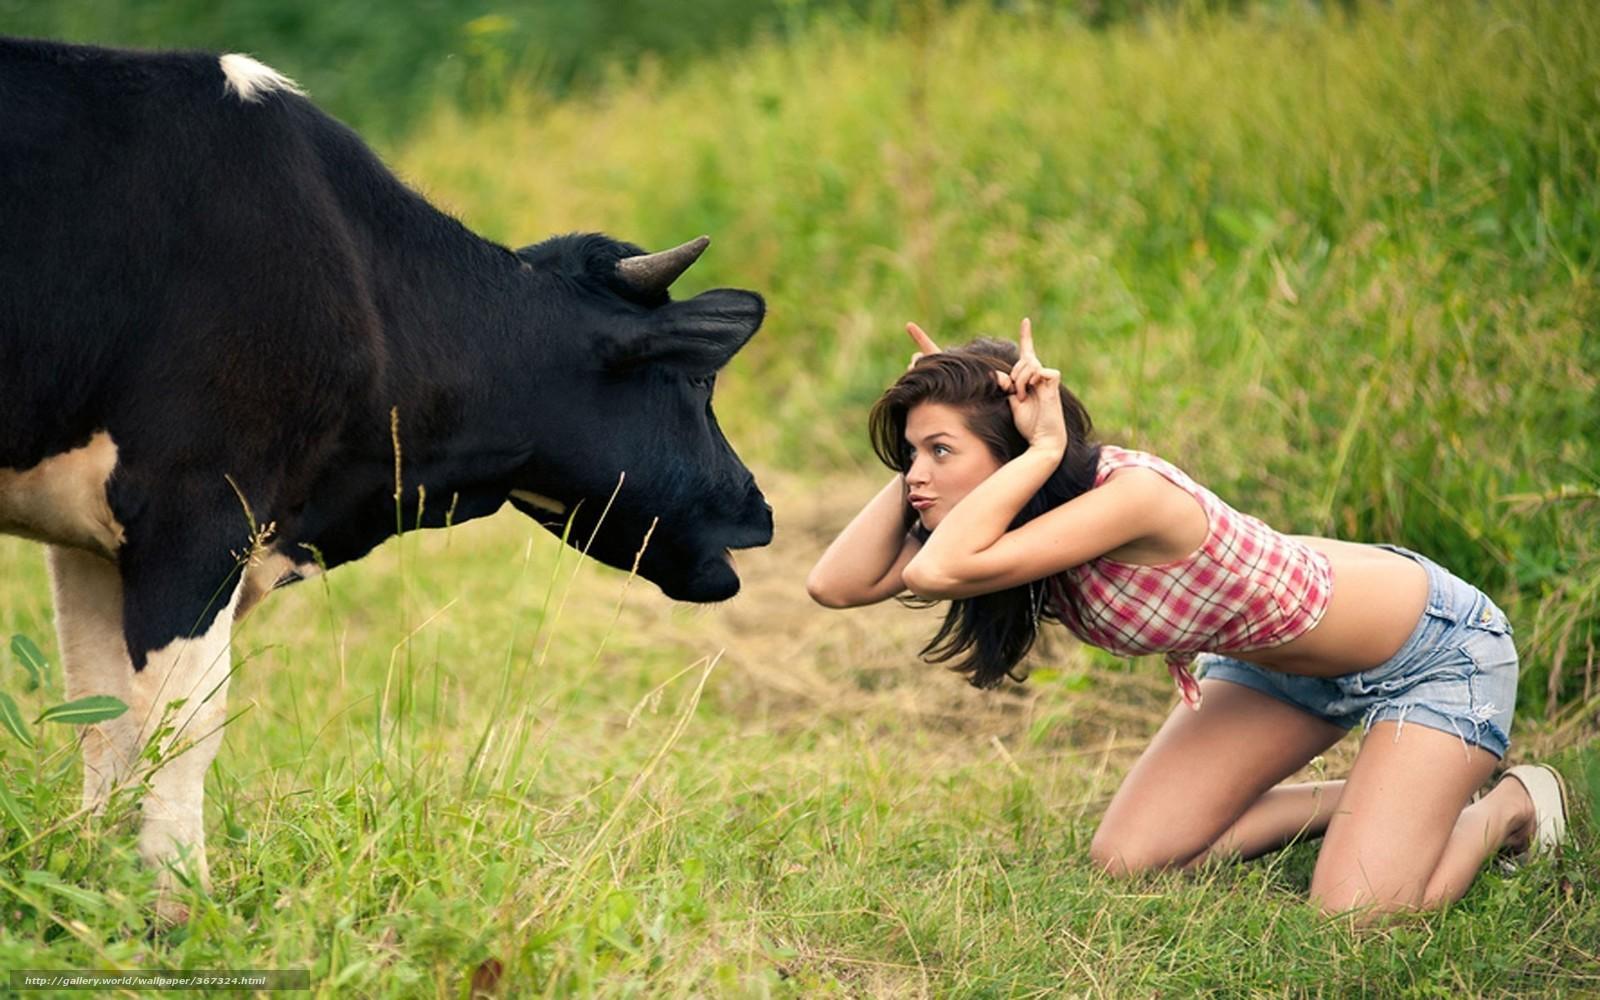 pobra tapety krowa,  dziewczyna,  ka,  wygup Darmowe tapety na pulpit rozdzielczoci 1920x1200 — zdjcie №367324